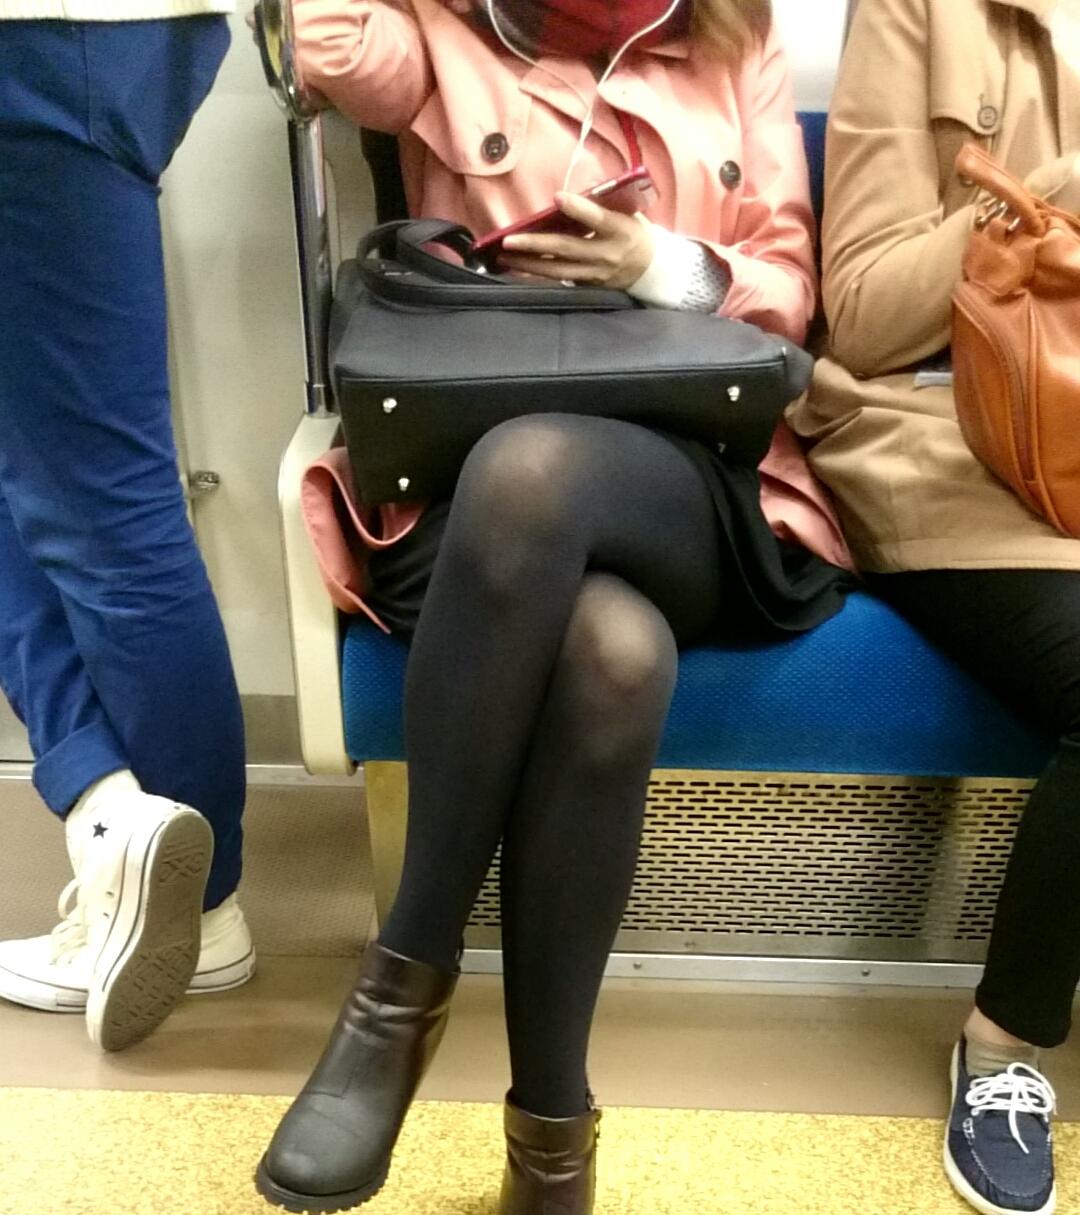 黒パンストのスリムな足がセクシーすぎる!